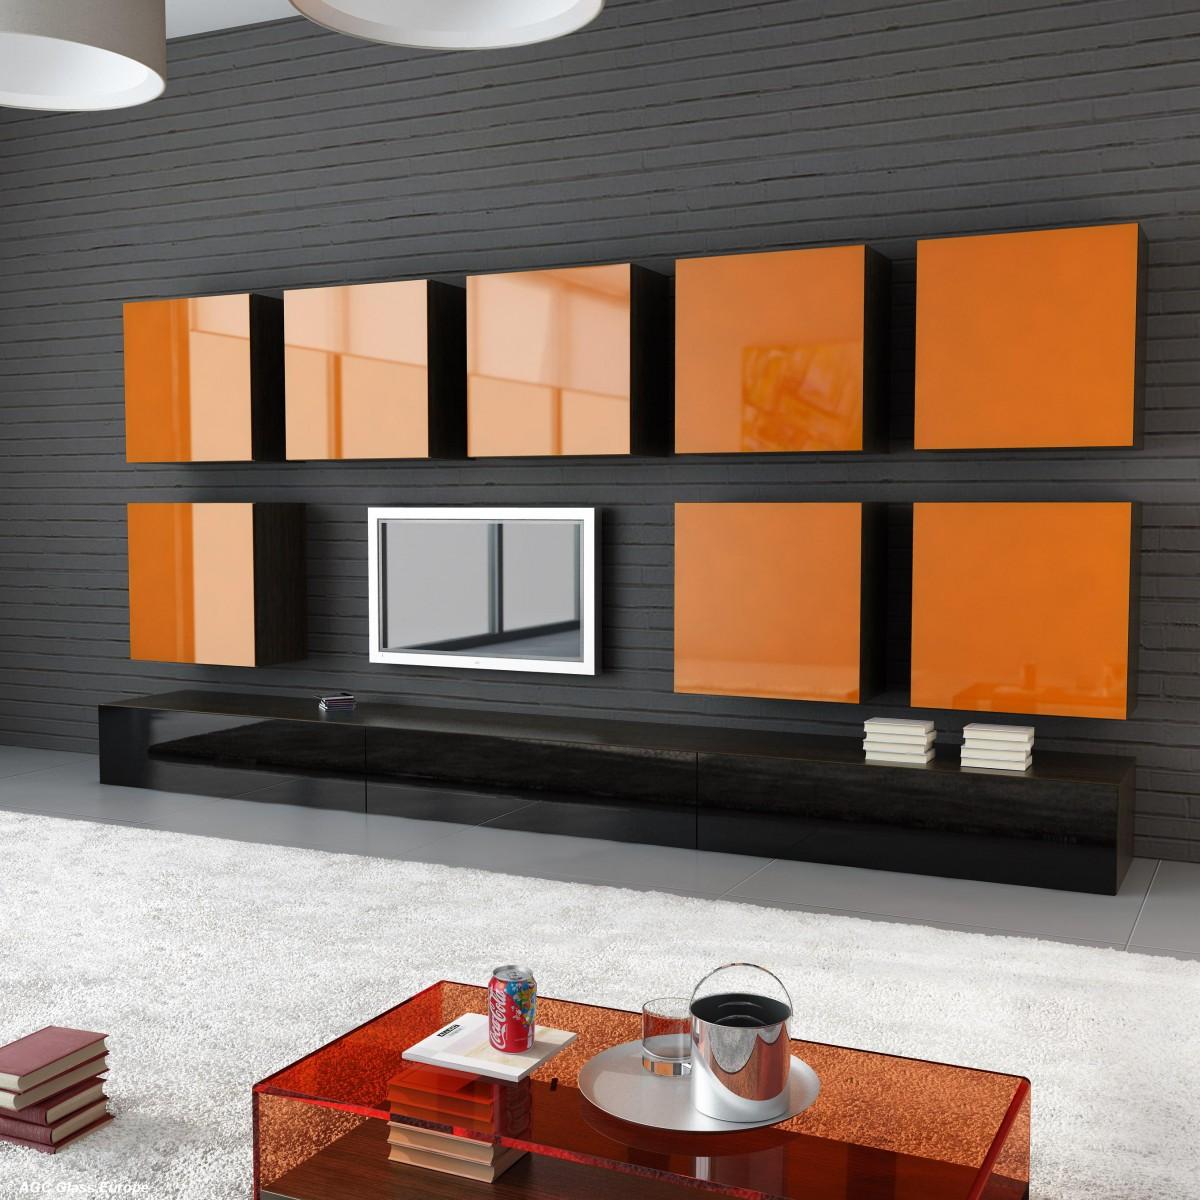 Оранжевый цвет в интерьере: как он воздействует на человека и как его лучше использовать?